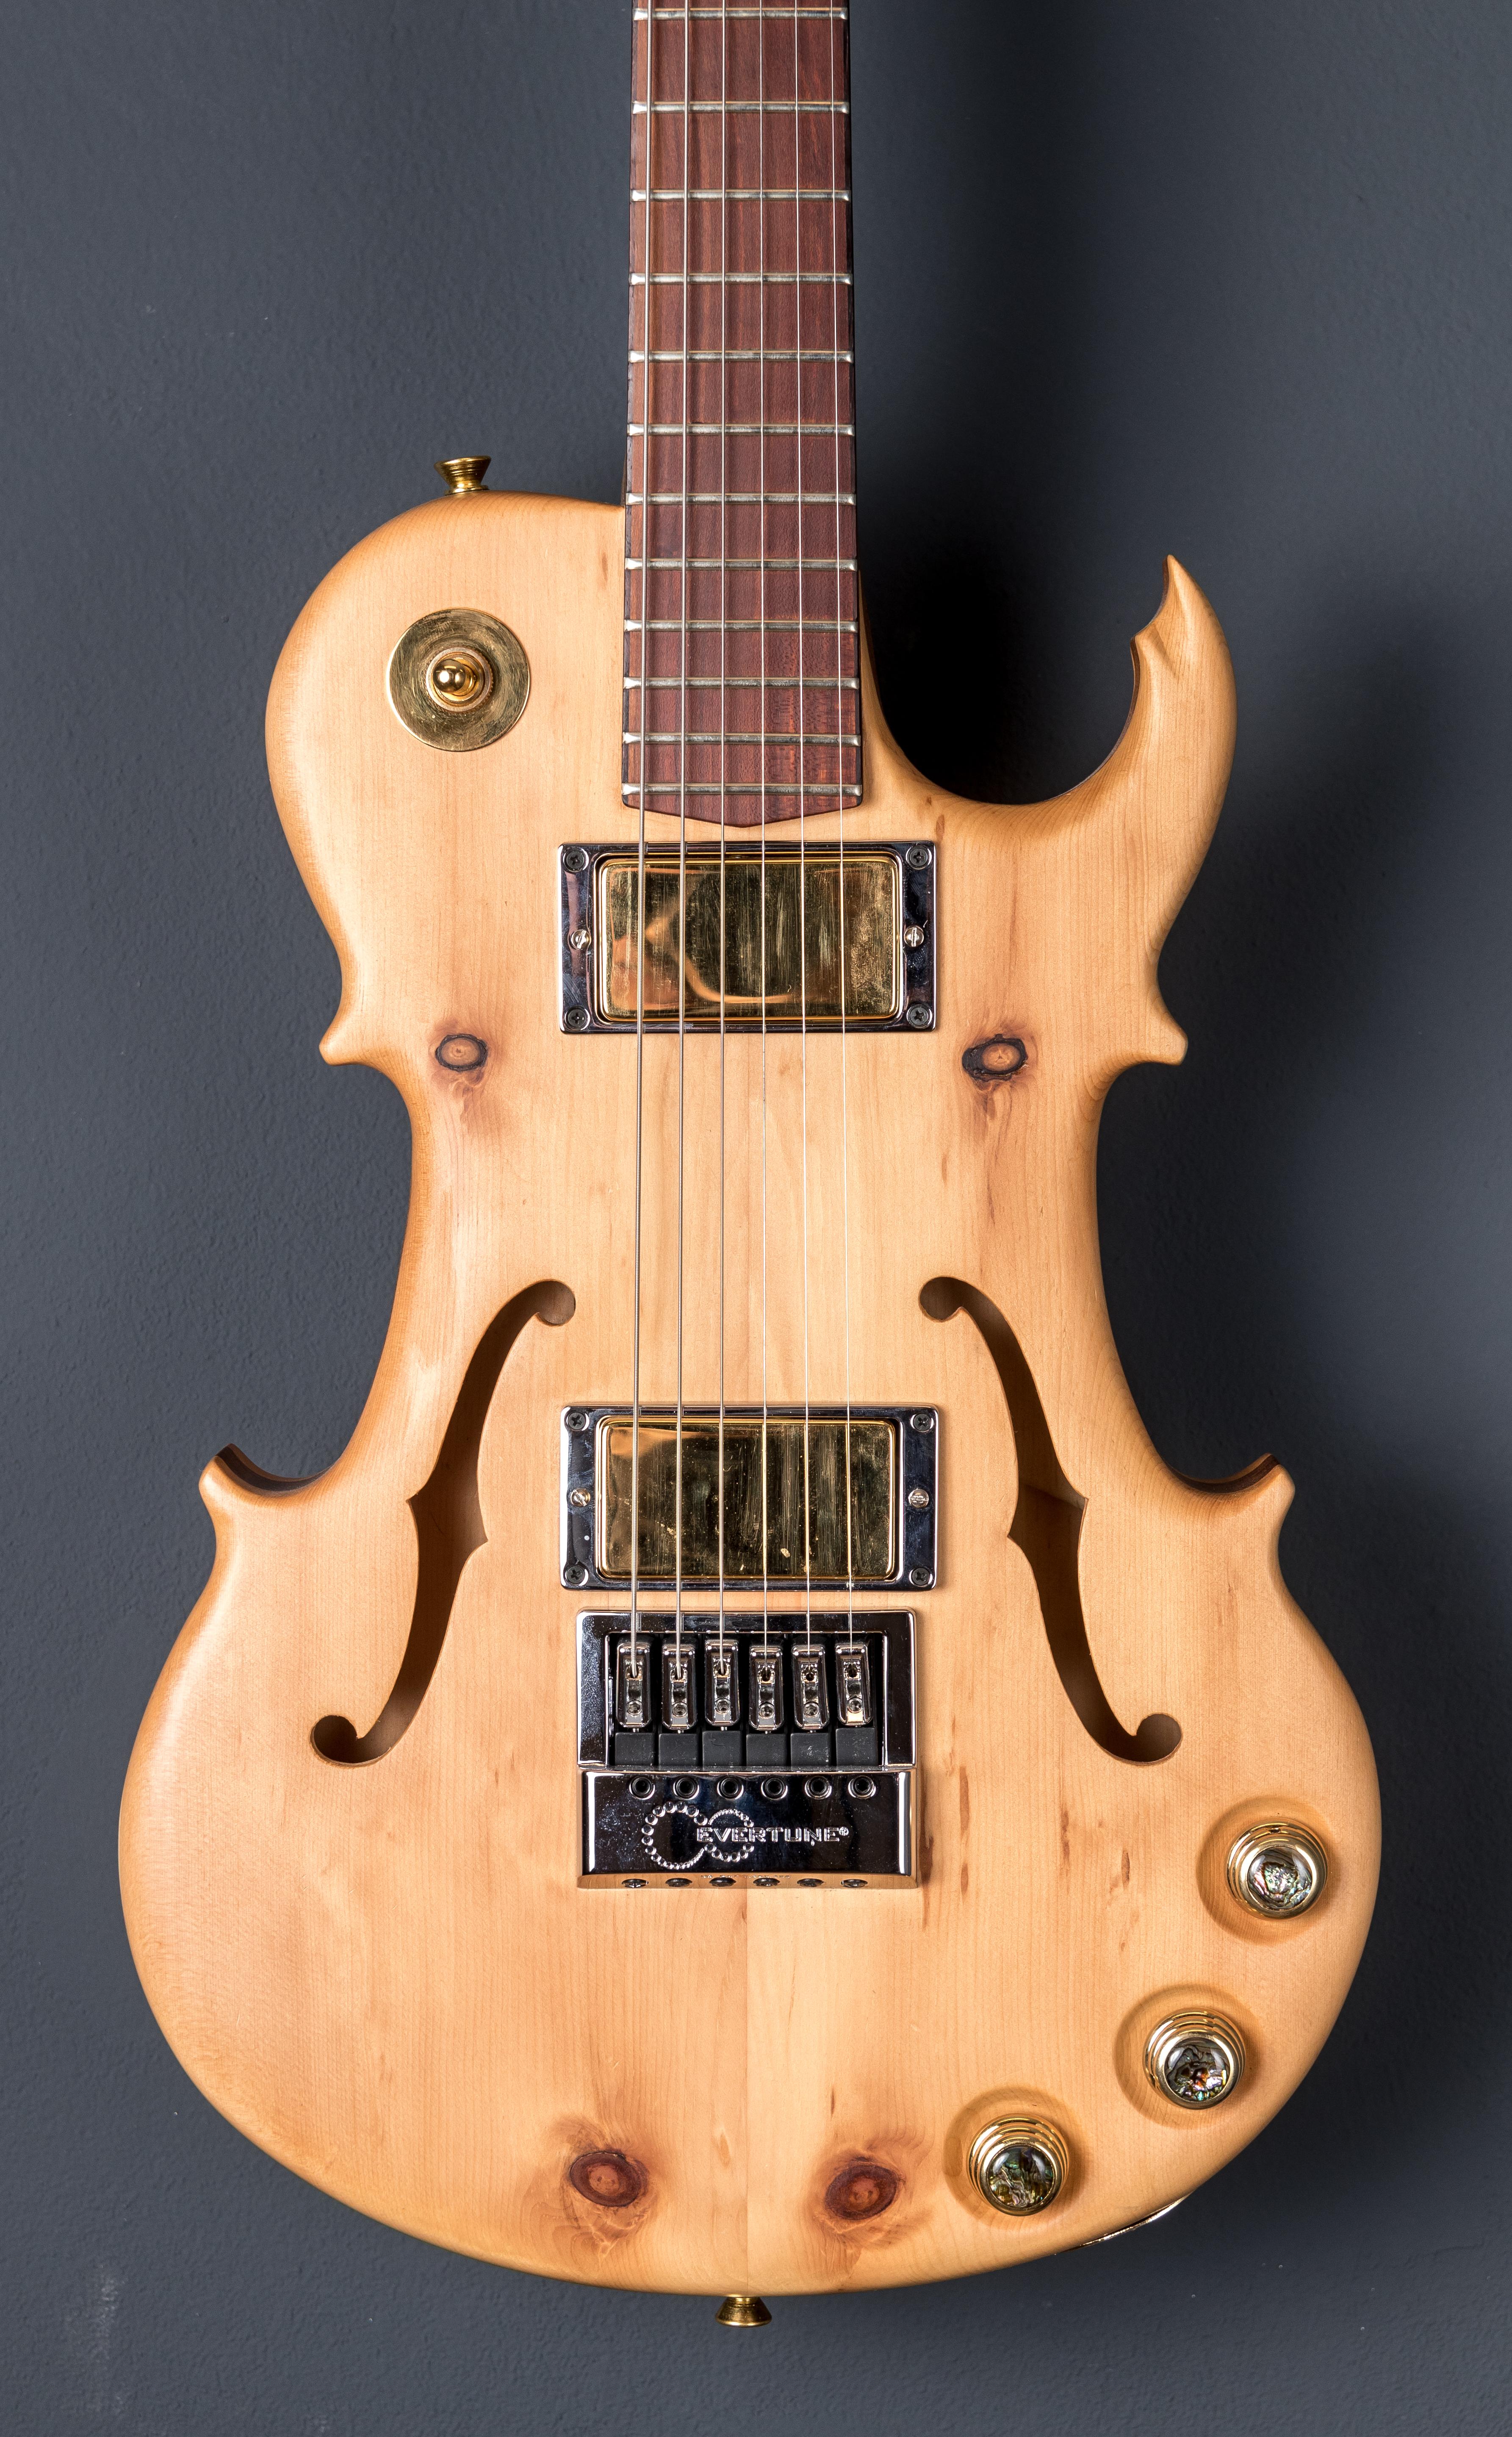 Special Violin-Guitar Zirbe